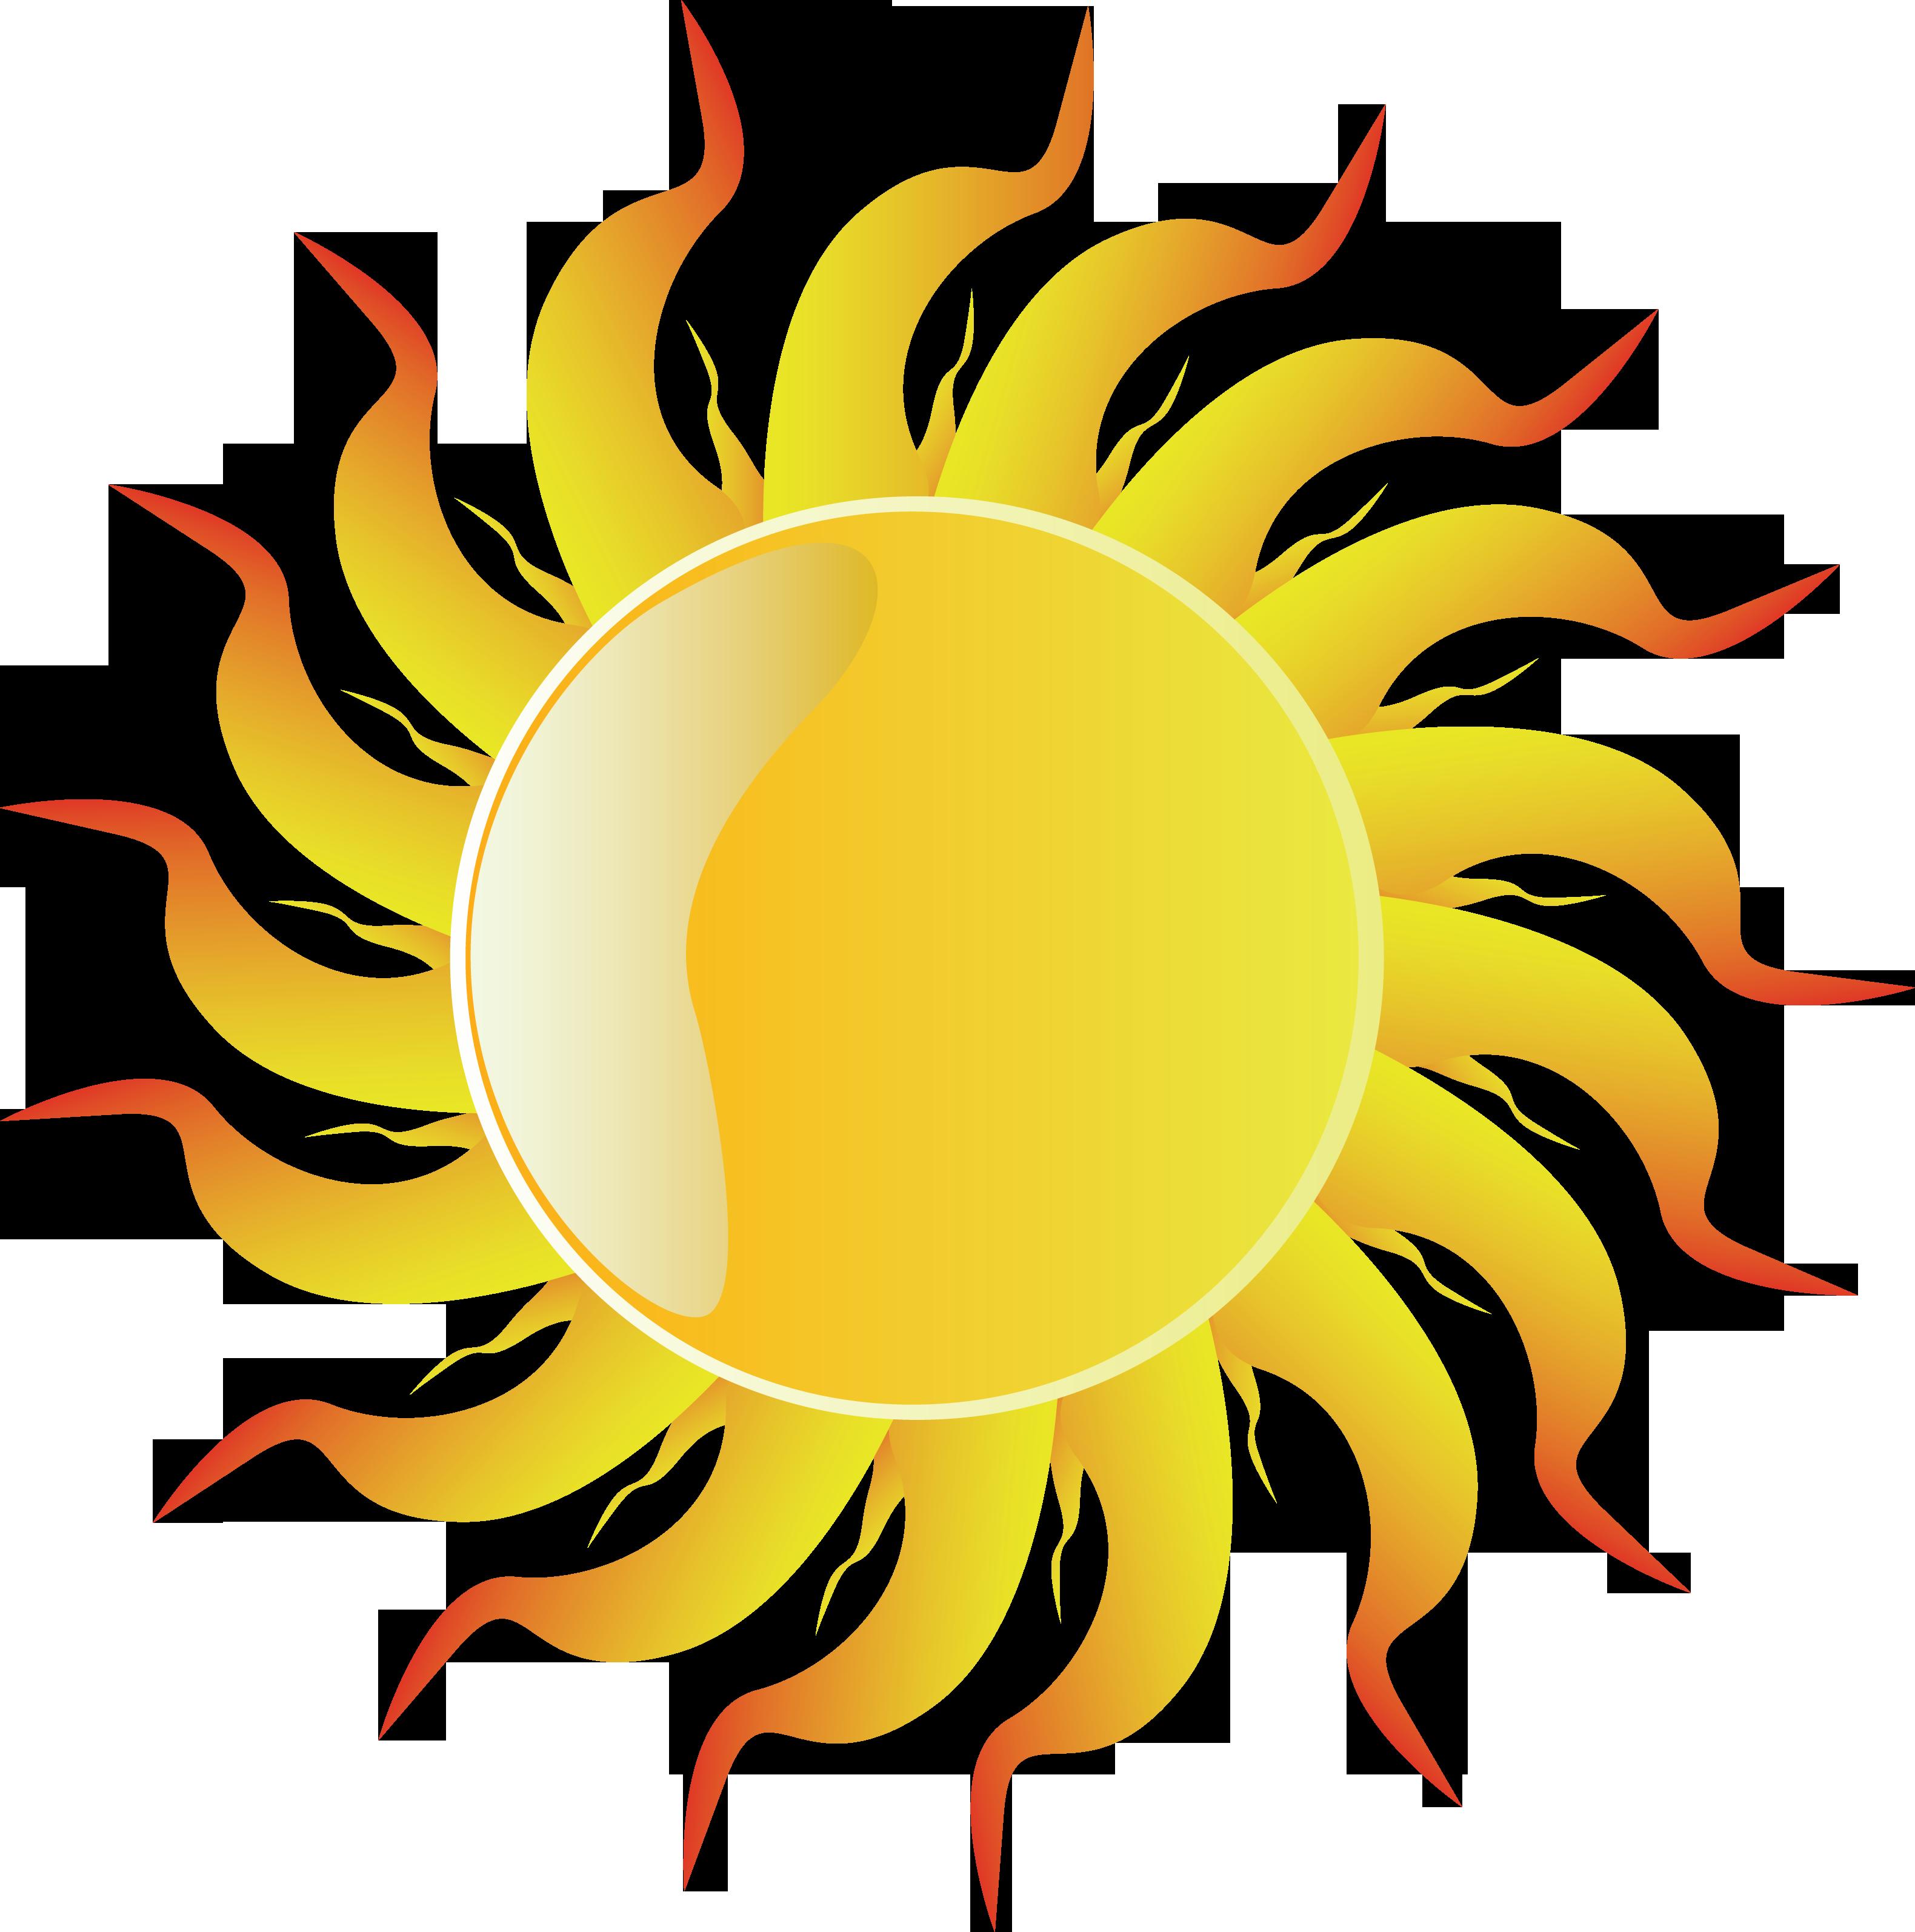 Картинки солнца с лучами